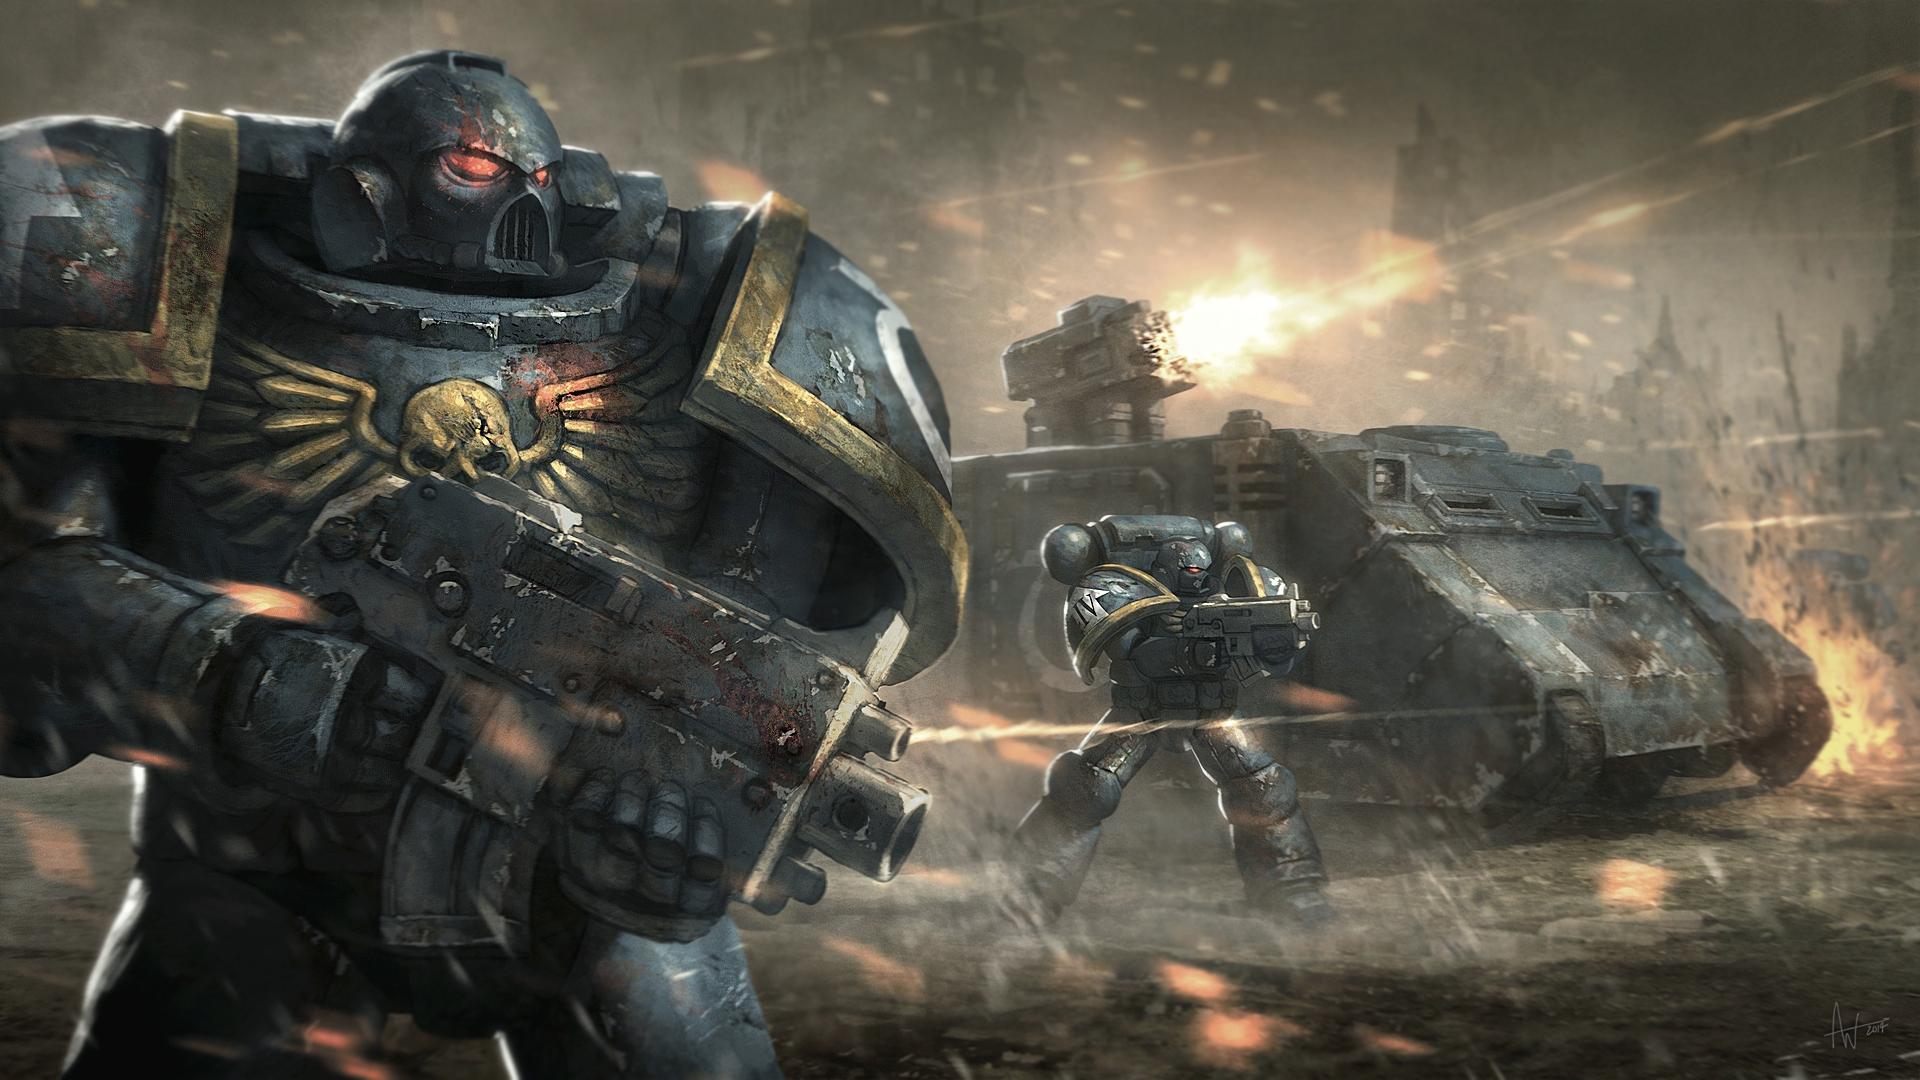 fond d'écran : bataille, warhammer 40 000, ultramarines, jeux